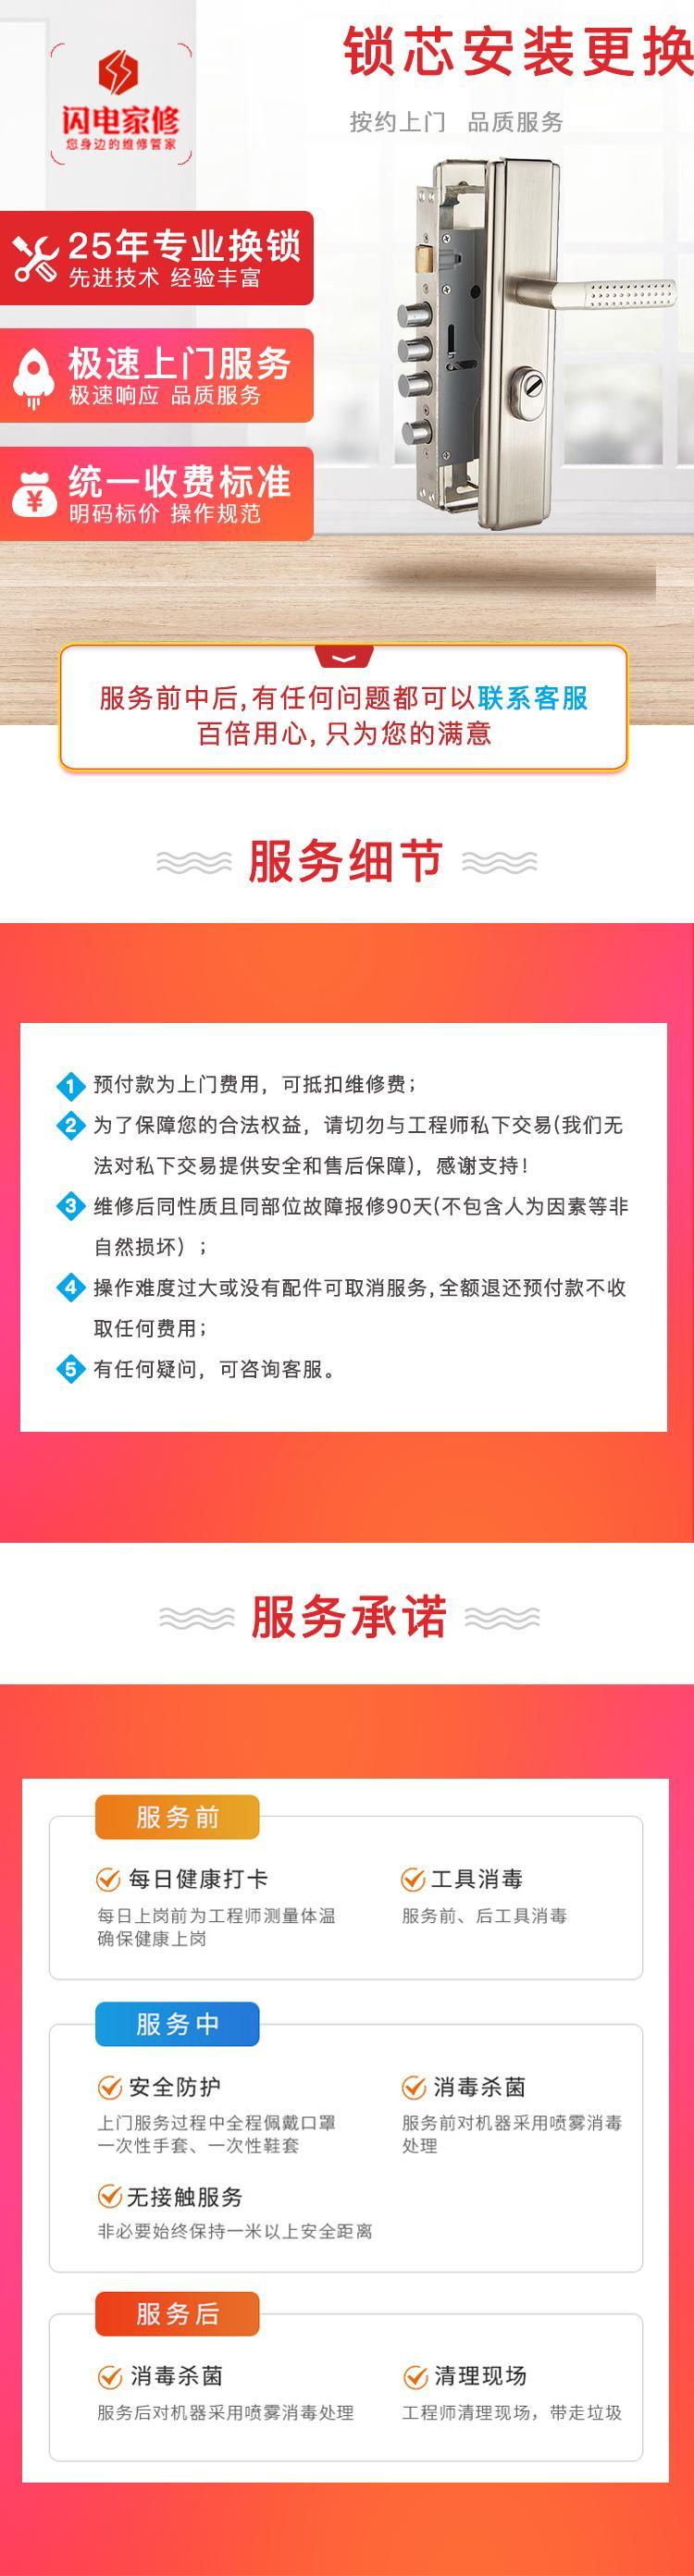 锁芯安装更换详情(1).png